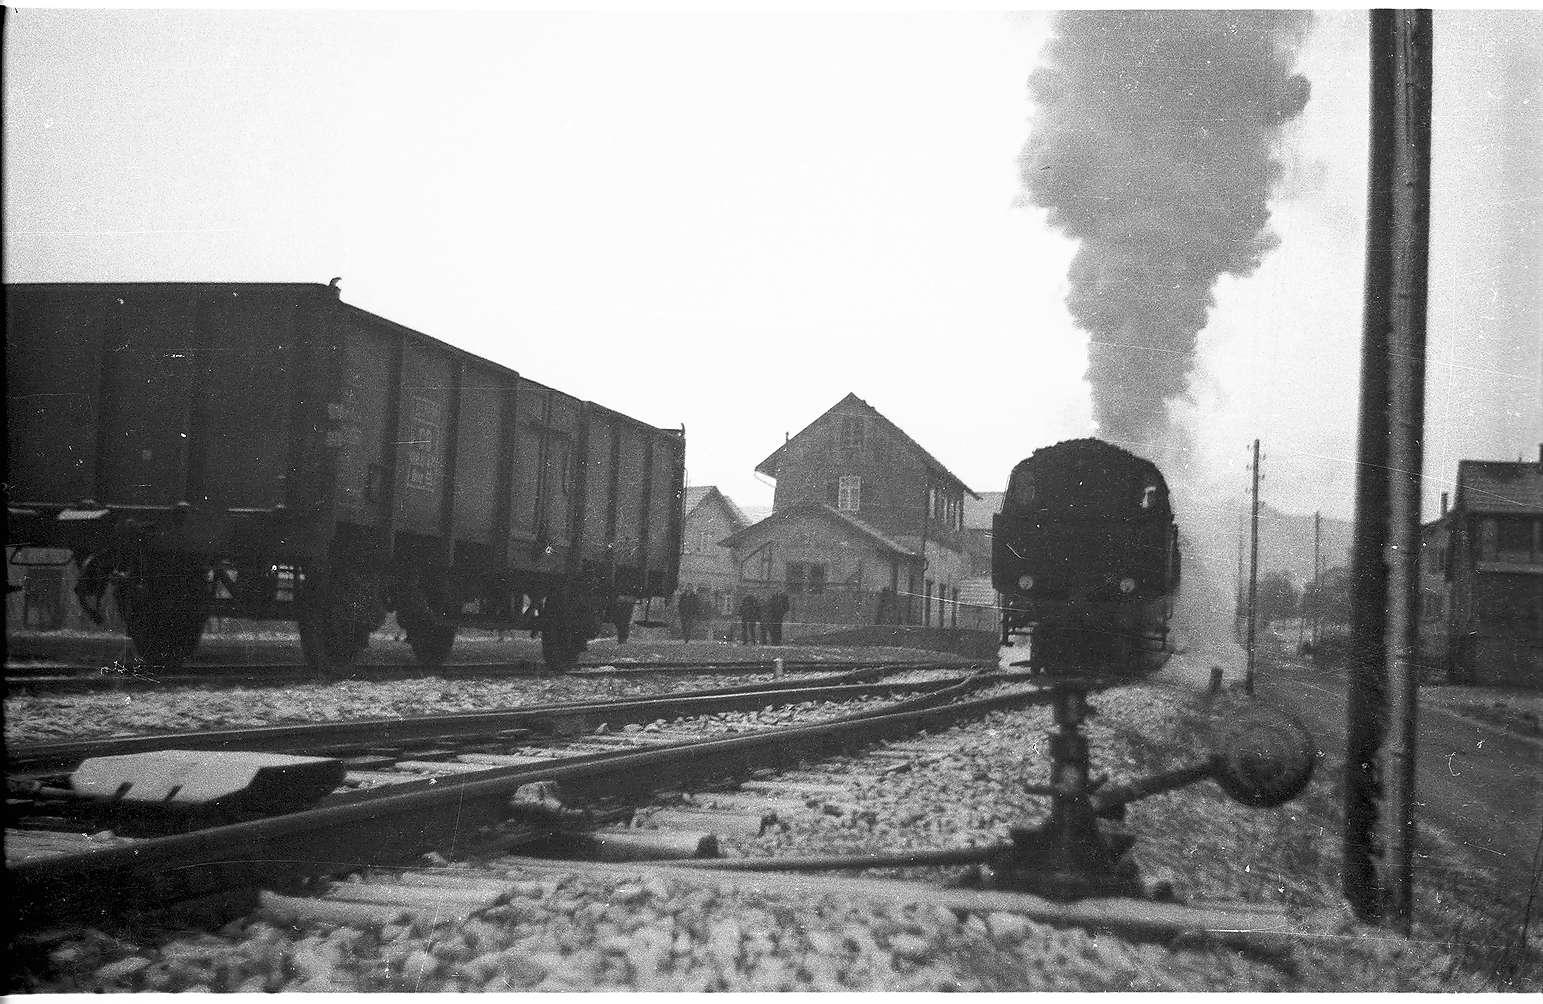 Lok 15, Jungingen, Bahnhofsgebäude um 1985 wegen Erdbebenschäden abgebrochen, 1994 Haltestellenhaus aus Holz, Kreuzungsbahnhof mit Rückfallweichen seit 1985, Bild 1